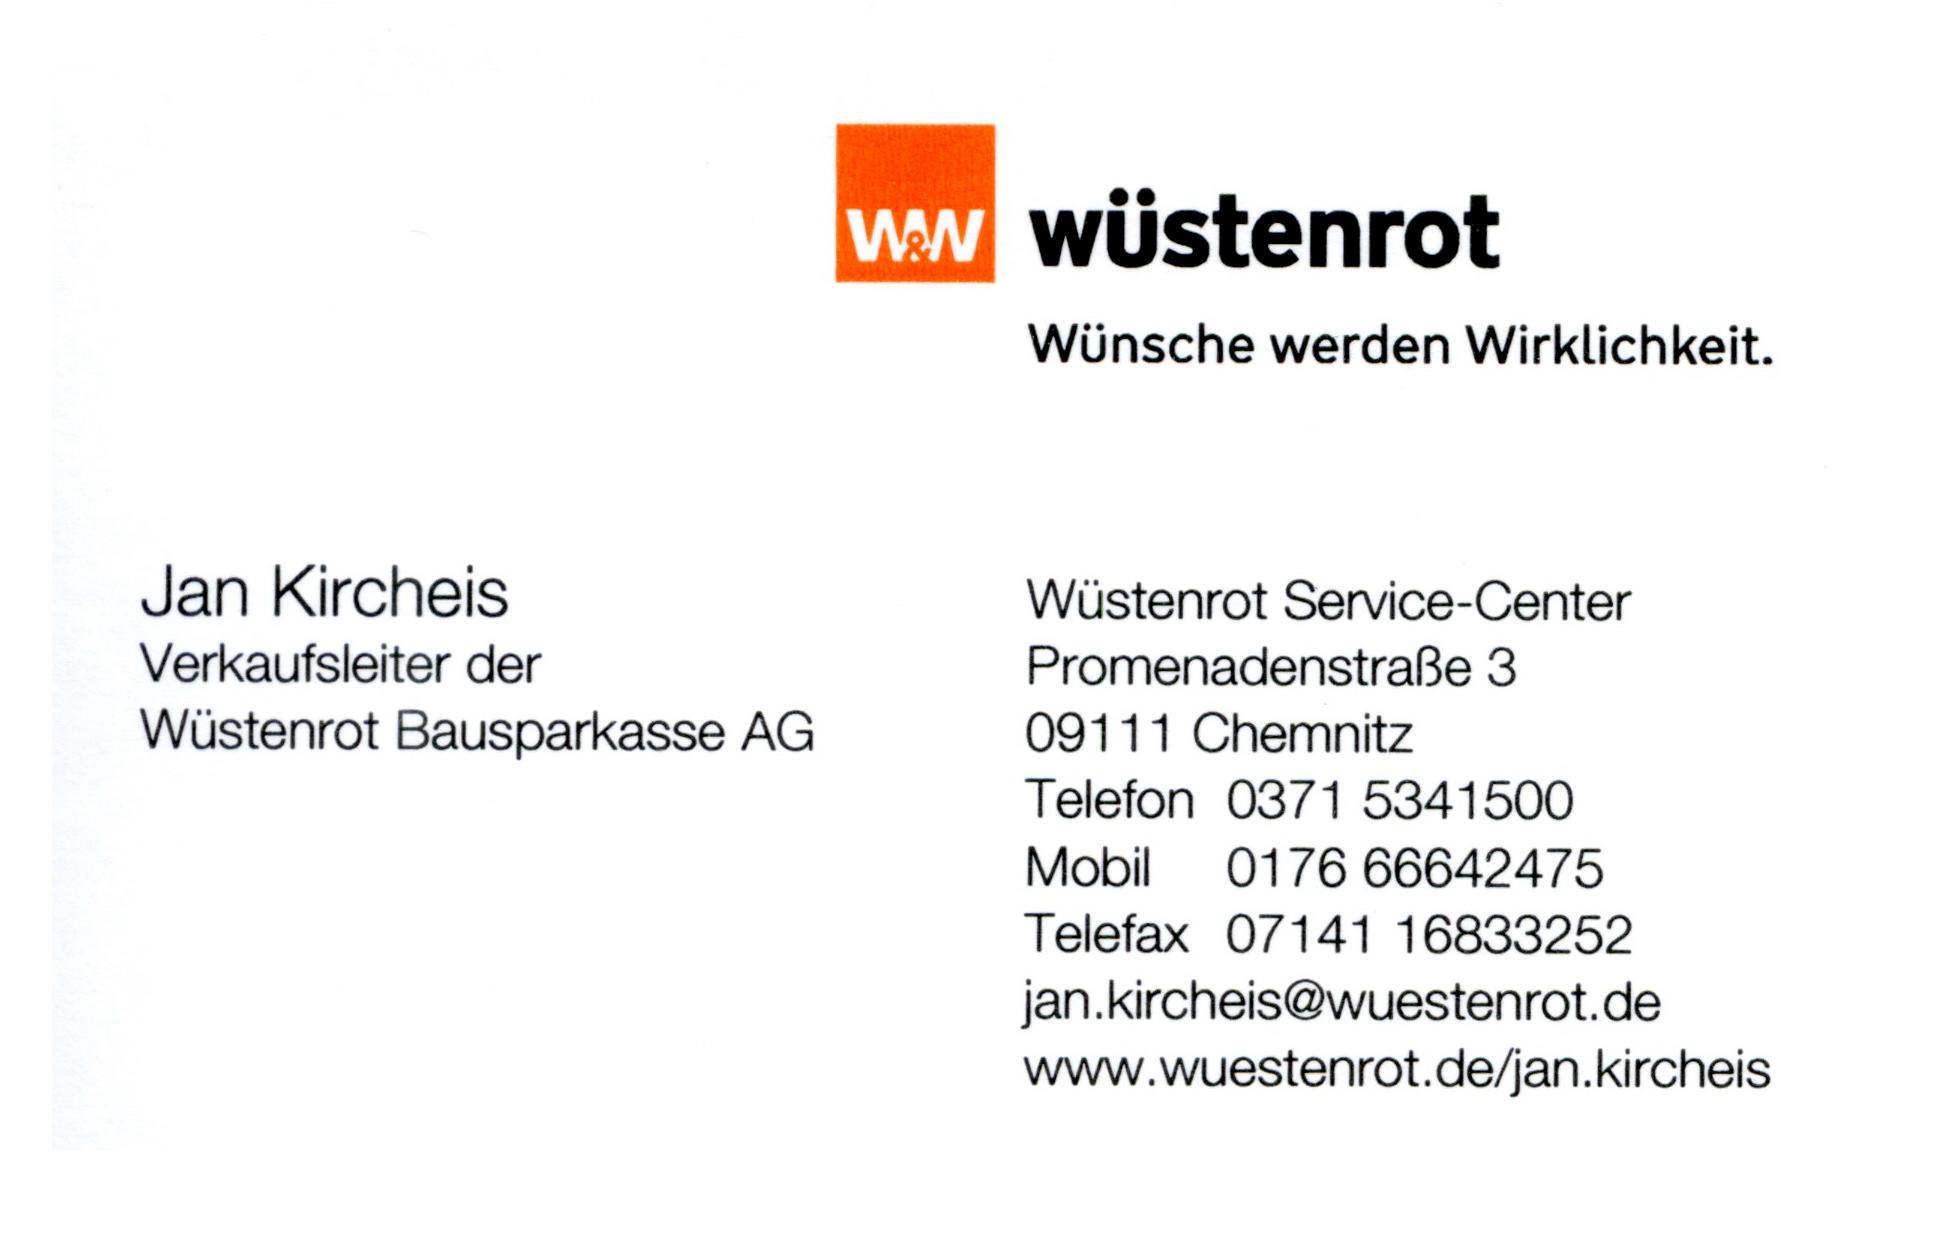 Bild der Wüstenrot Bausparkasse AG Jan Kircheis